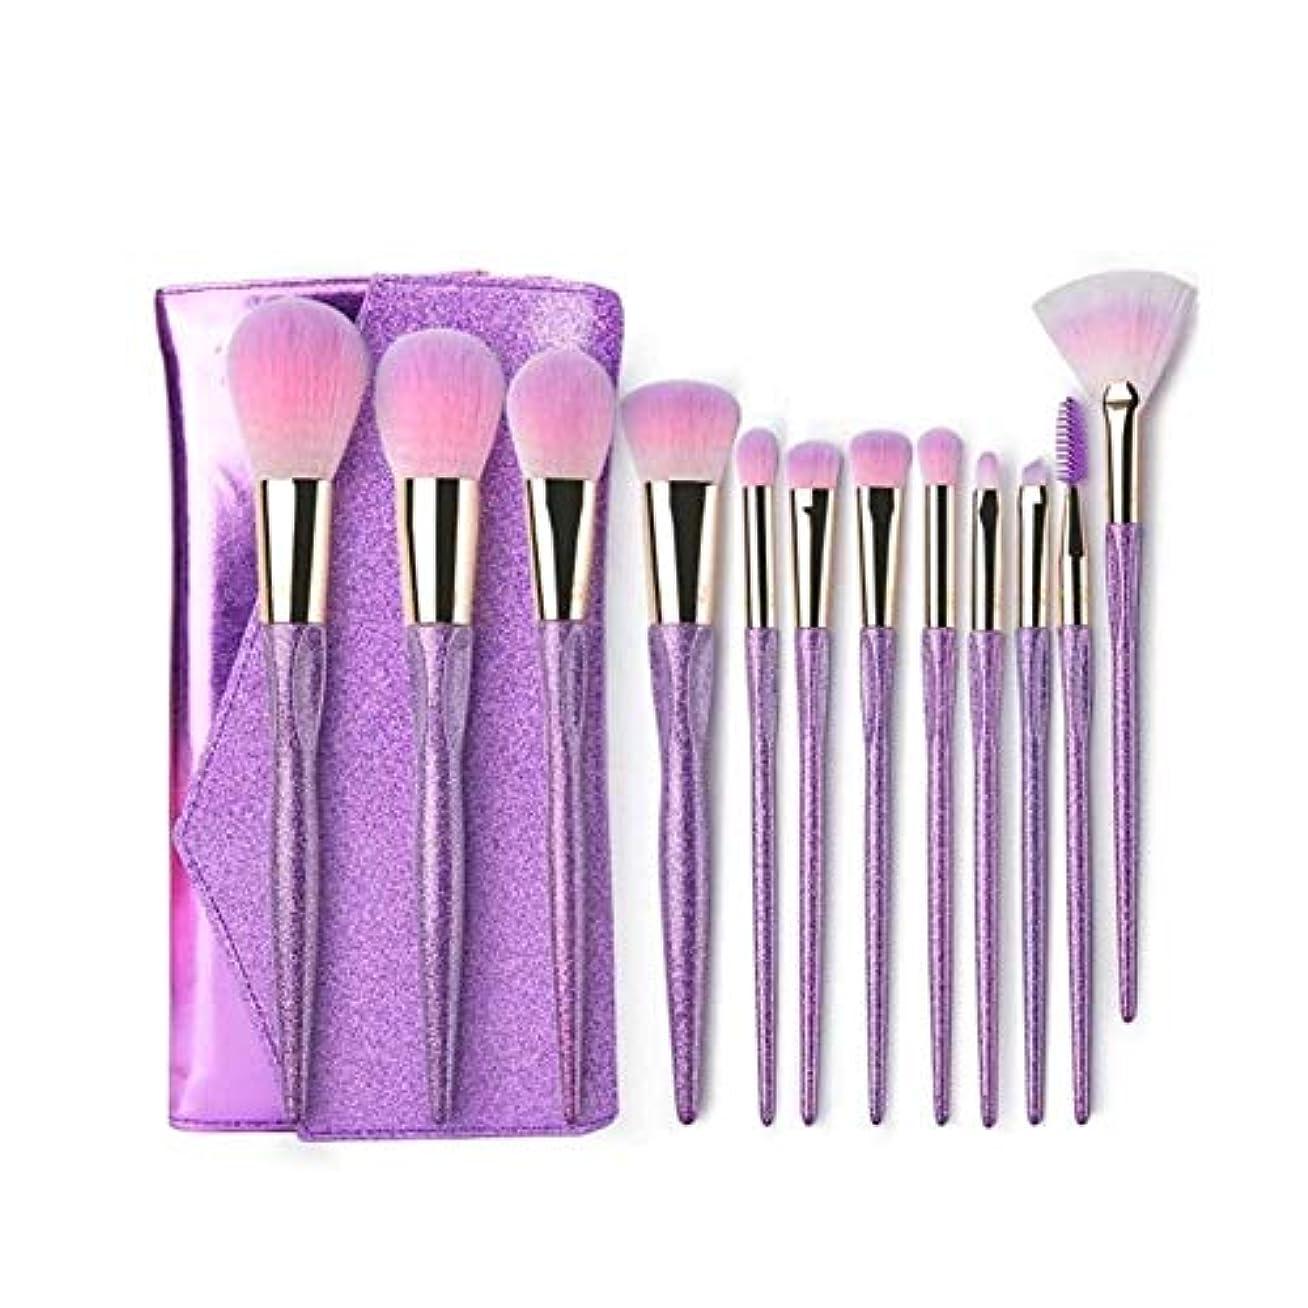 きゅうりなだめる幻想的XIAOCHAOSD メイクブラシ、12メイクブラシセット、財団ブラシ高光沢ブラシアイシャドウブラシまつげカールセット、初心者メイクブラシ、ソフトで快適な (Color : Purple)